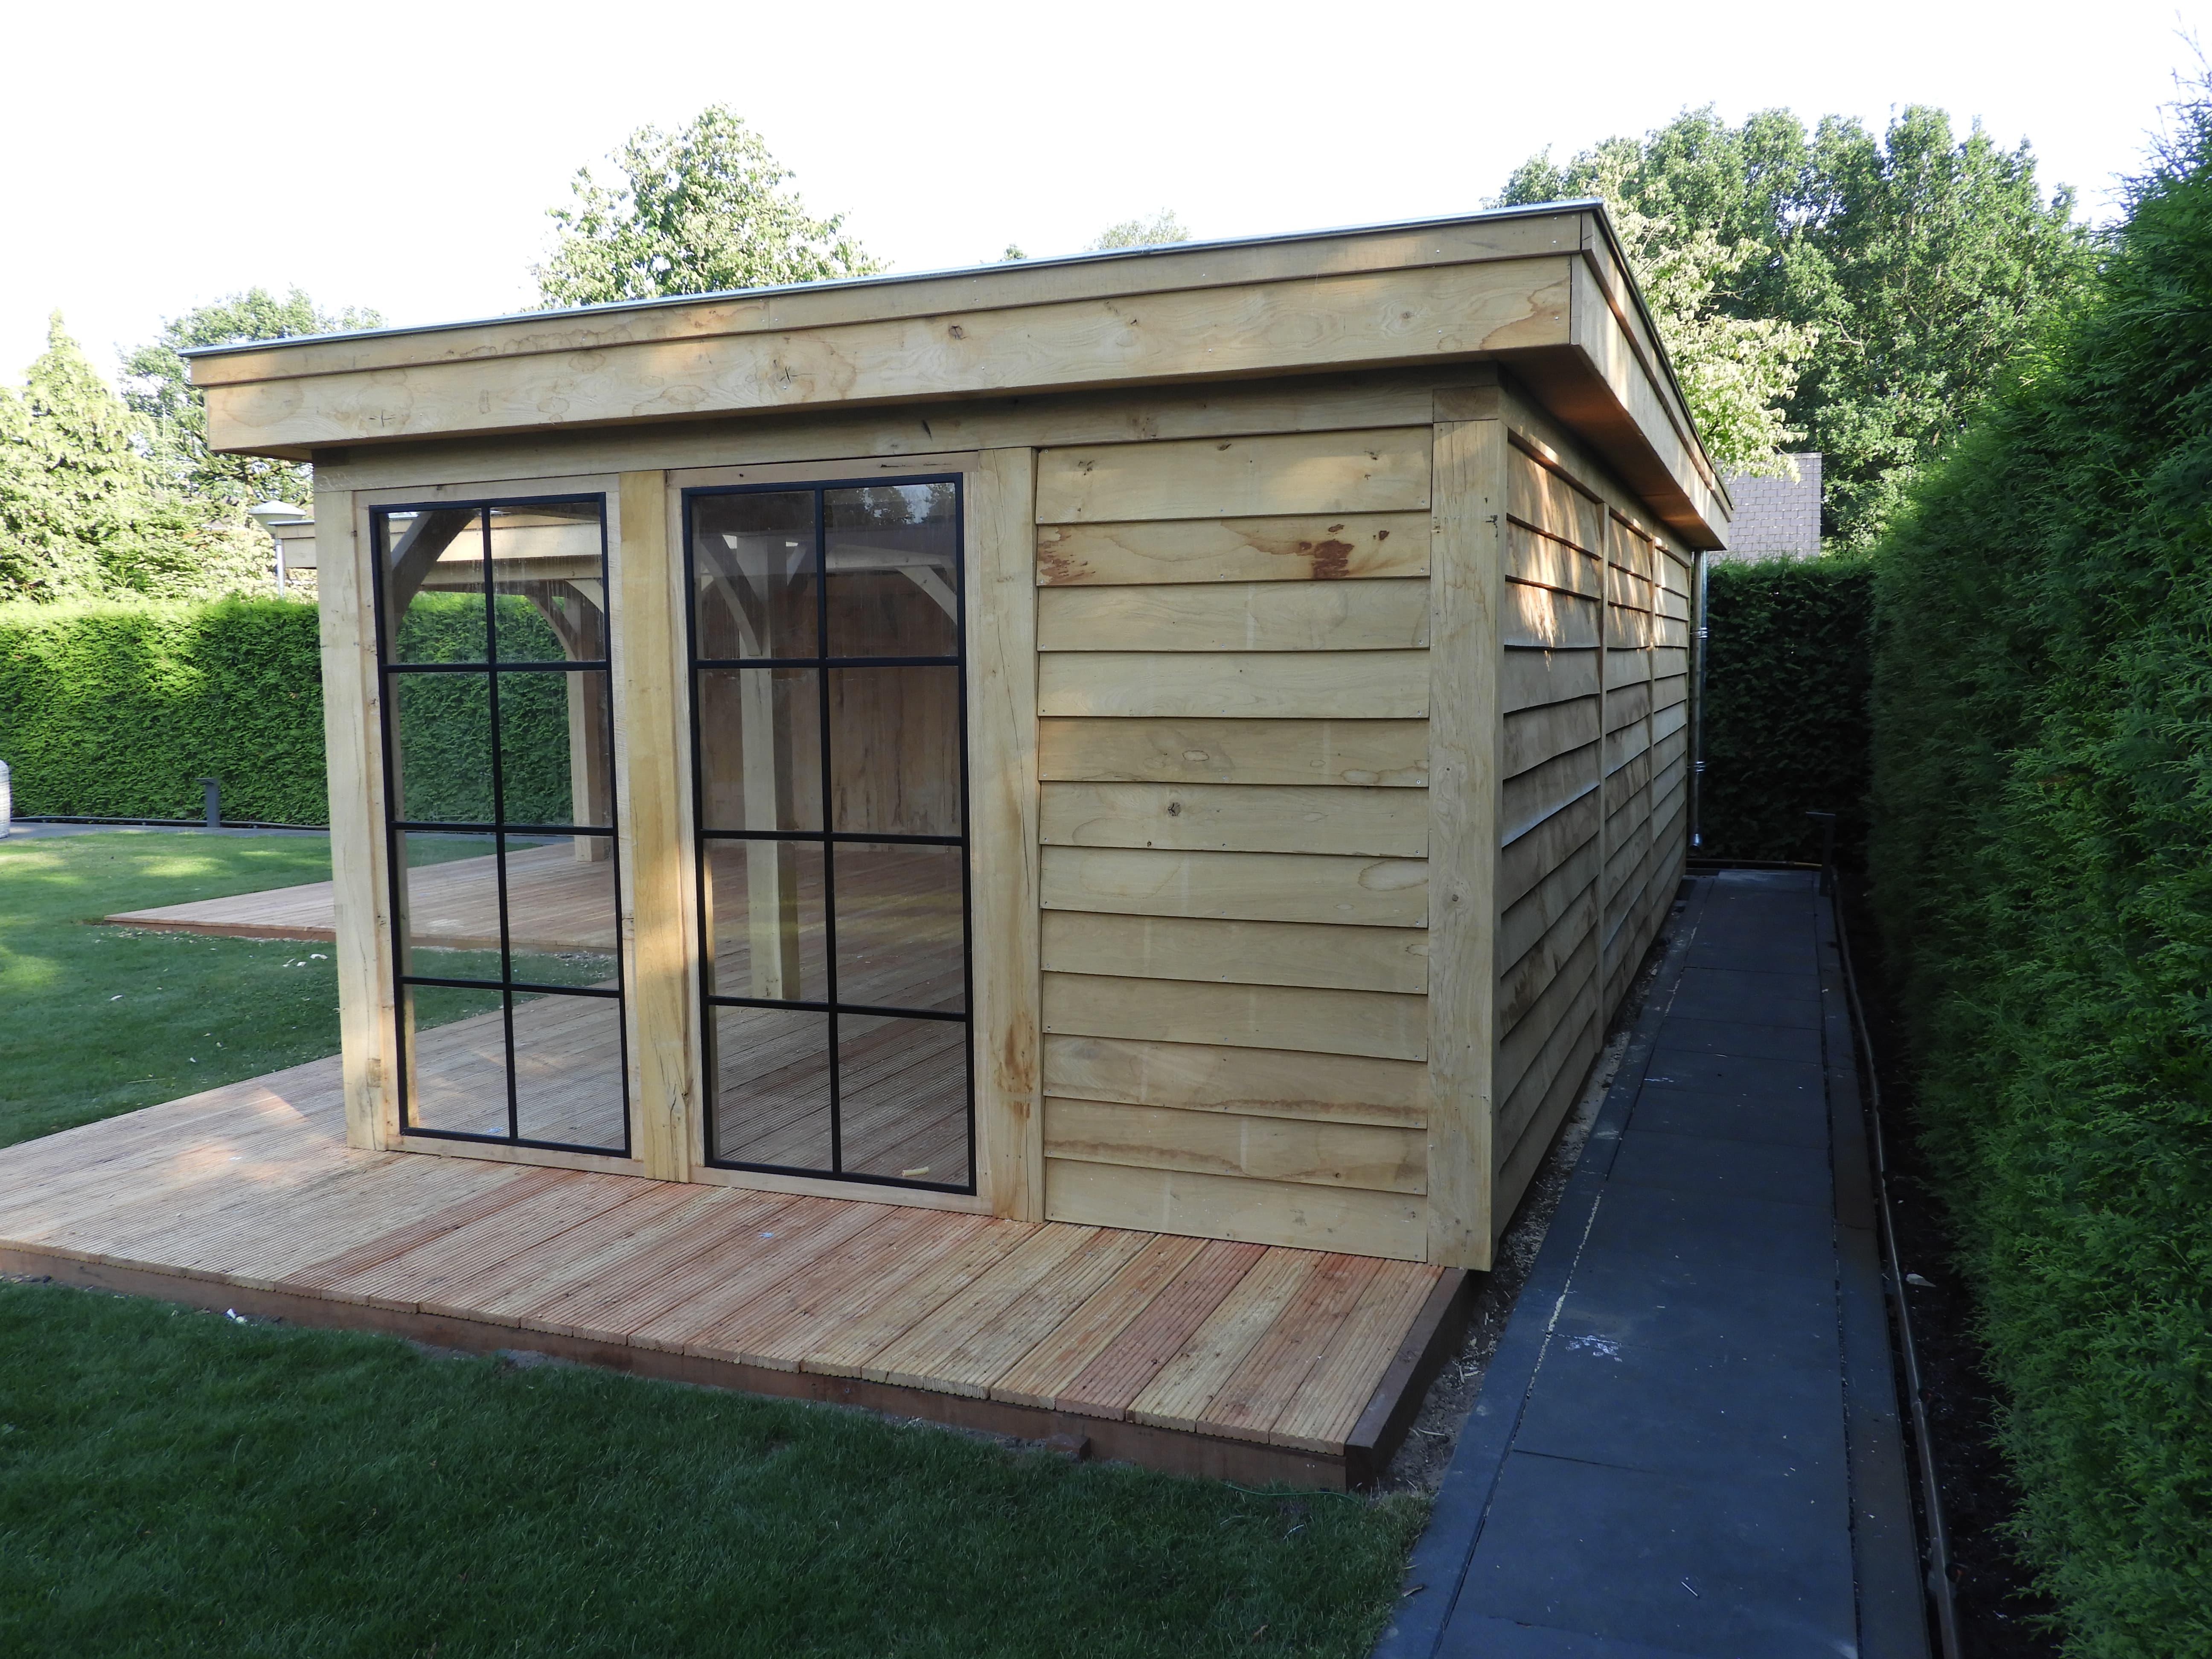 eikenhouten-bijgebouw-met-tuinkamer-en-jacuzzi-overkapping-3 - Project Hardenberg: Eiken tuinkamer met jacuzzi overkapping hoekmodel.